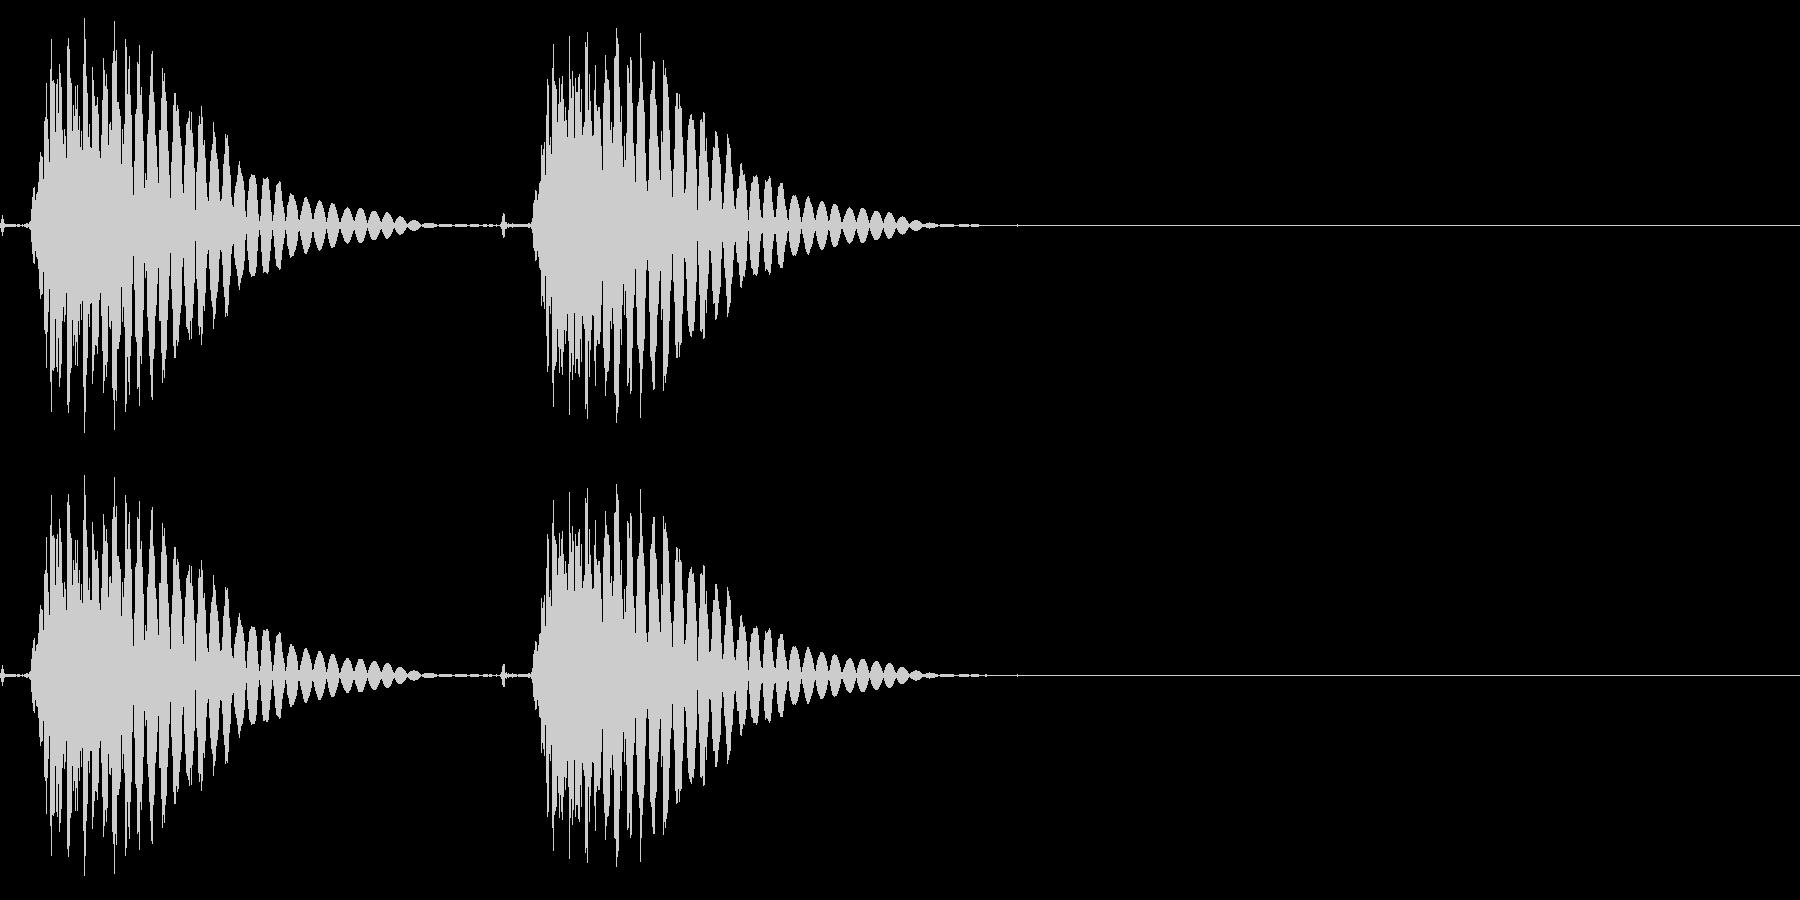 サイレンシングシングルガンショット、X3の未再生の波形